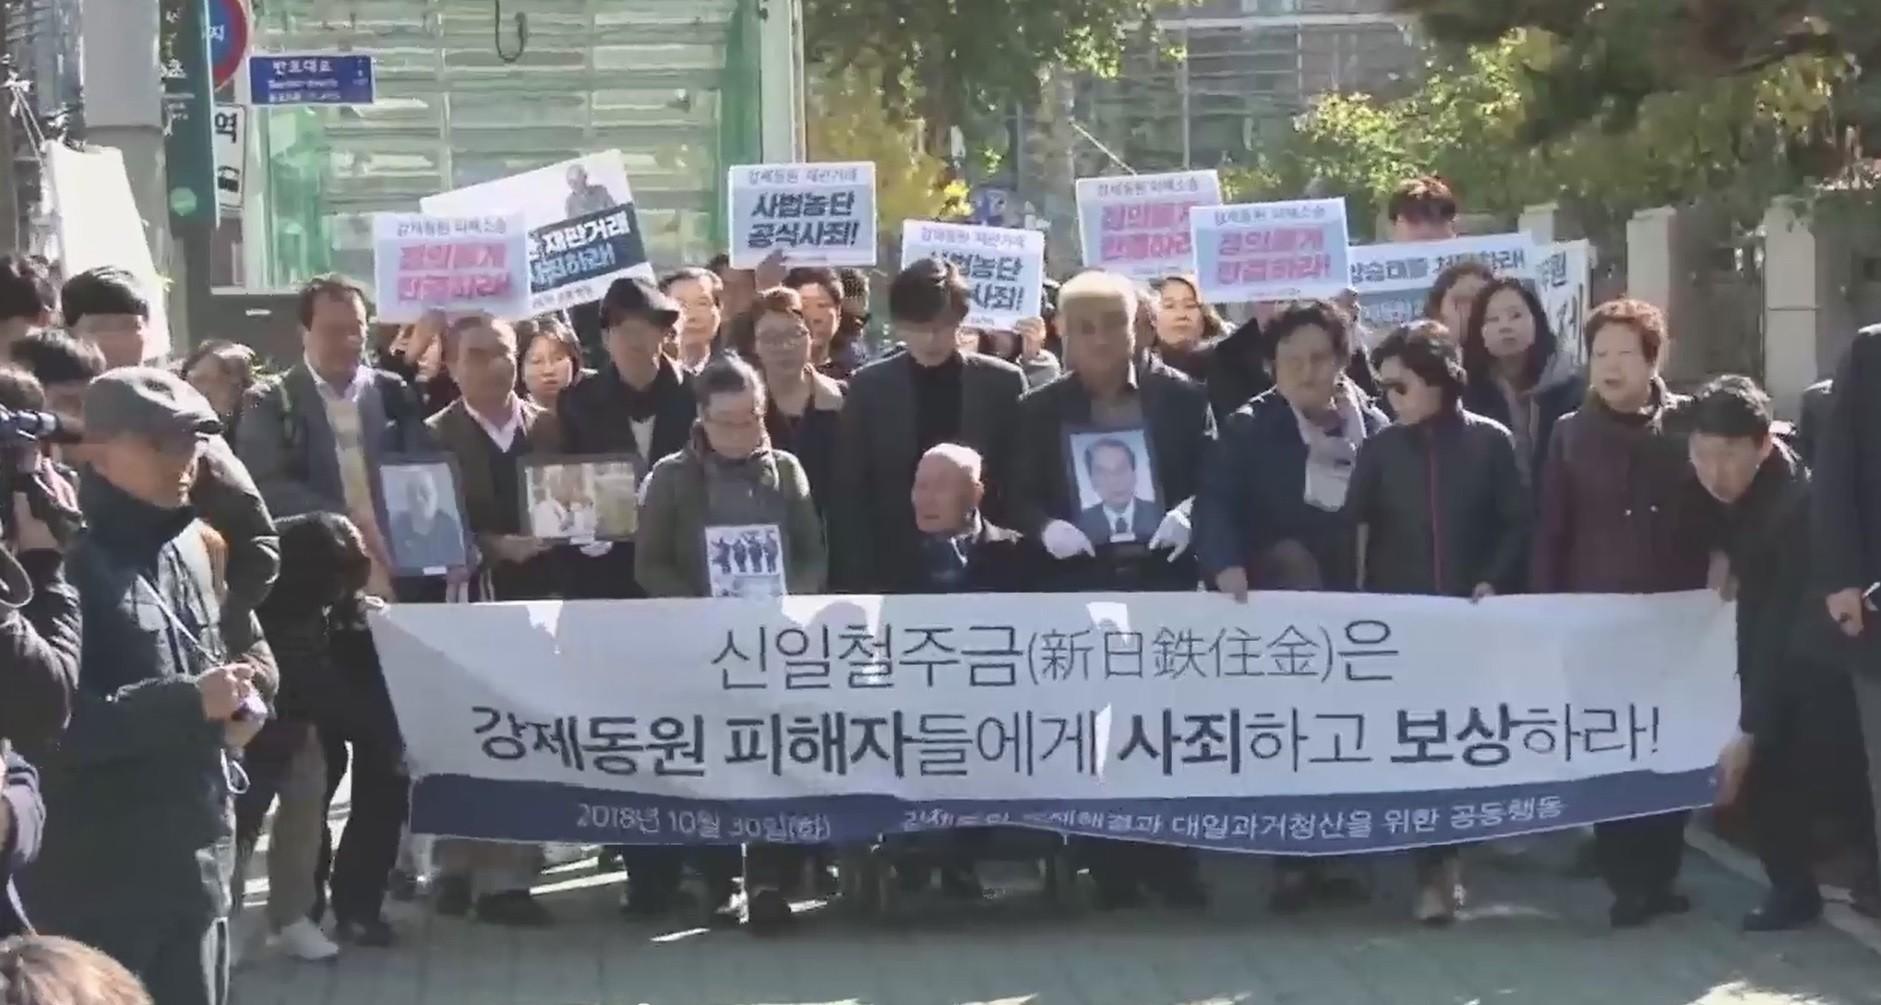 徴用工賠償判決に見る韓国の異常さとわが国の実情